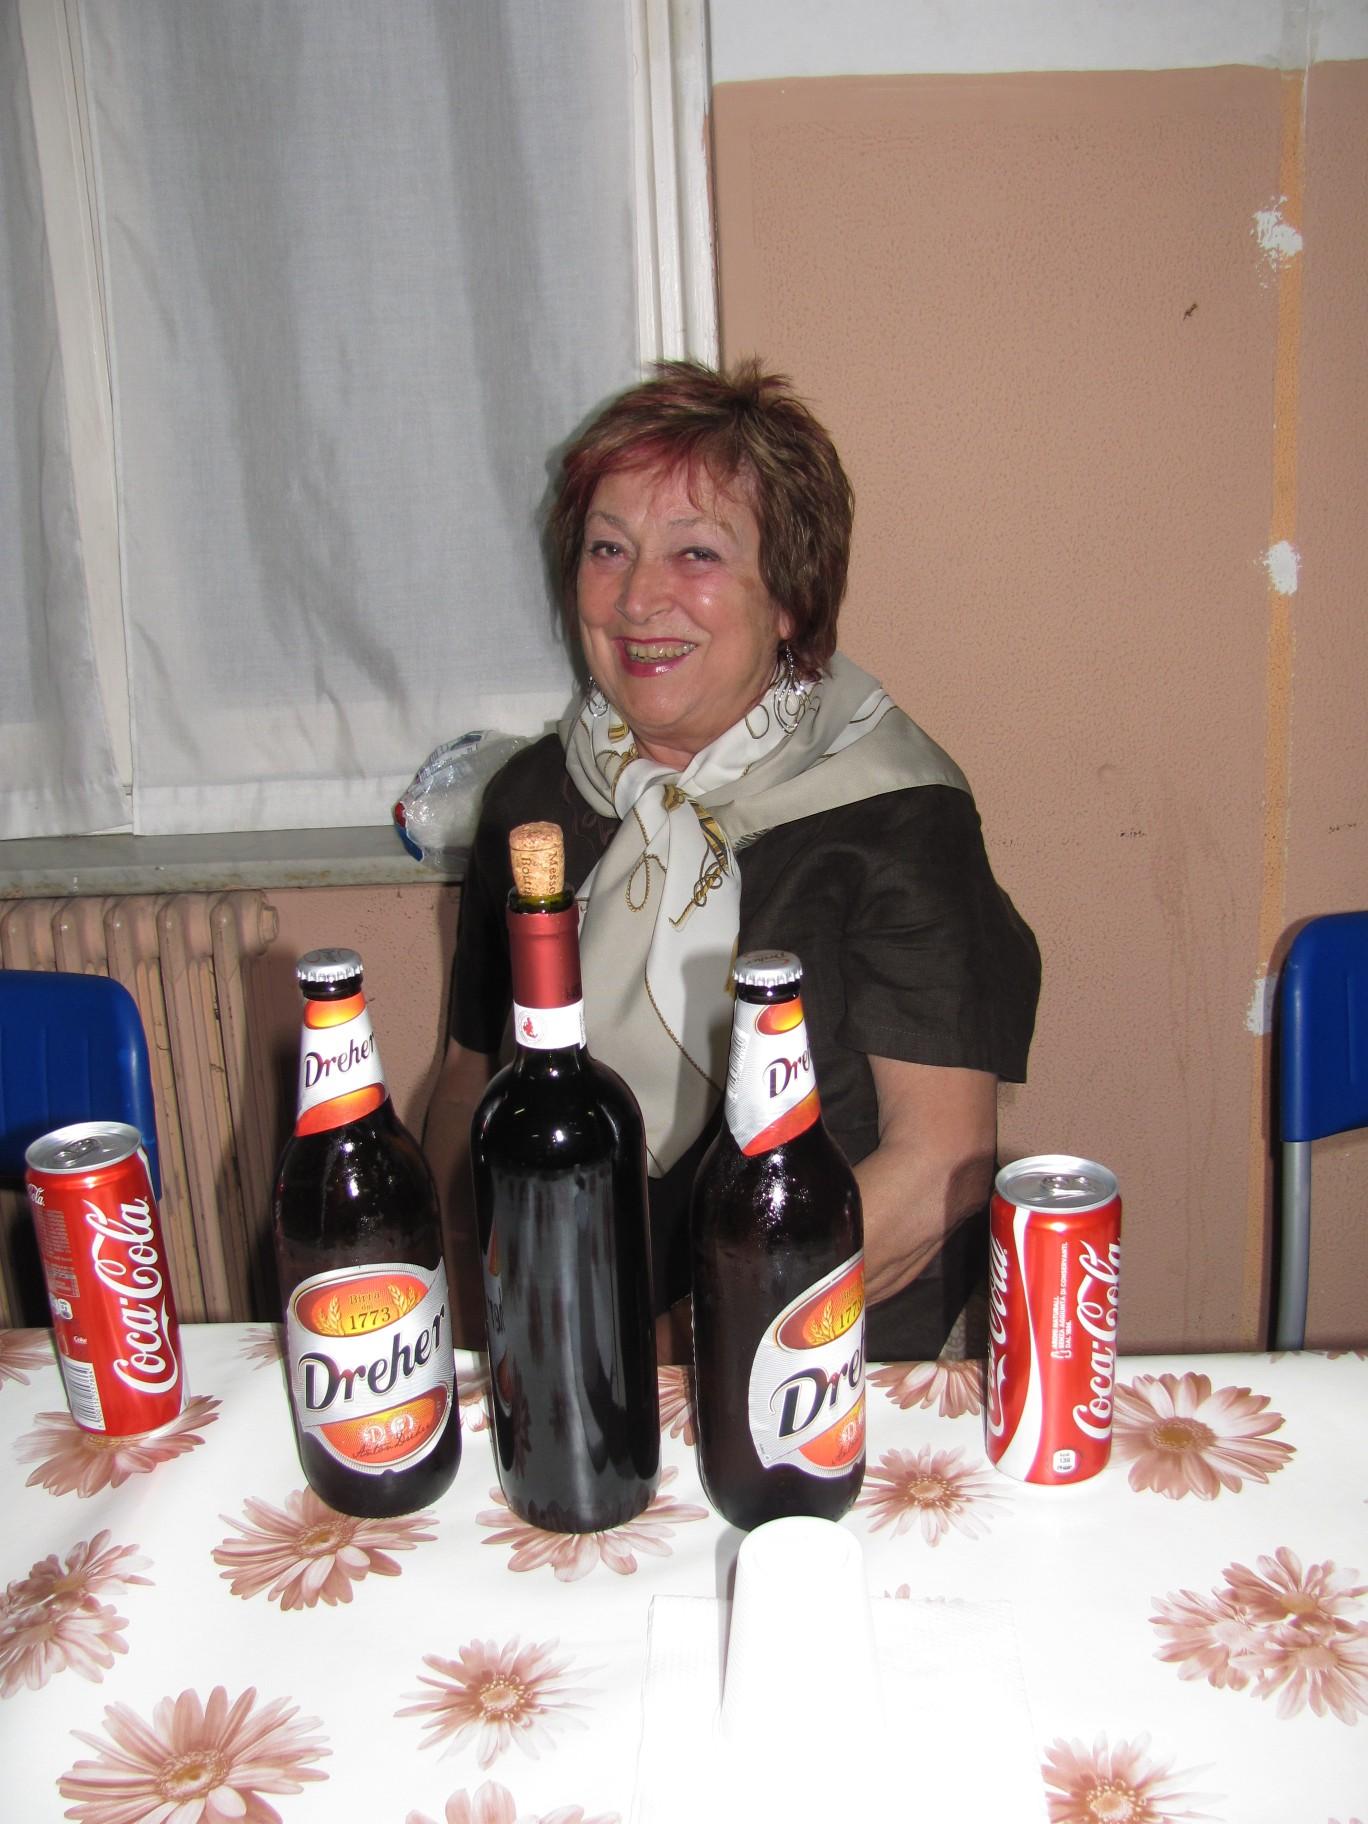 serata_catechiste_coro-2011-06-01-20-35-34